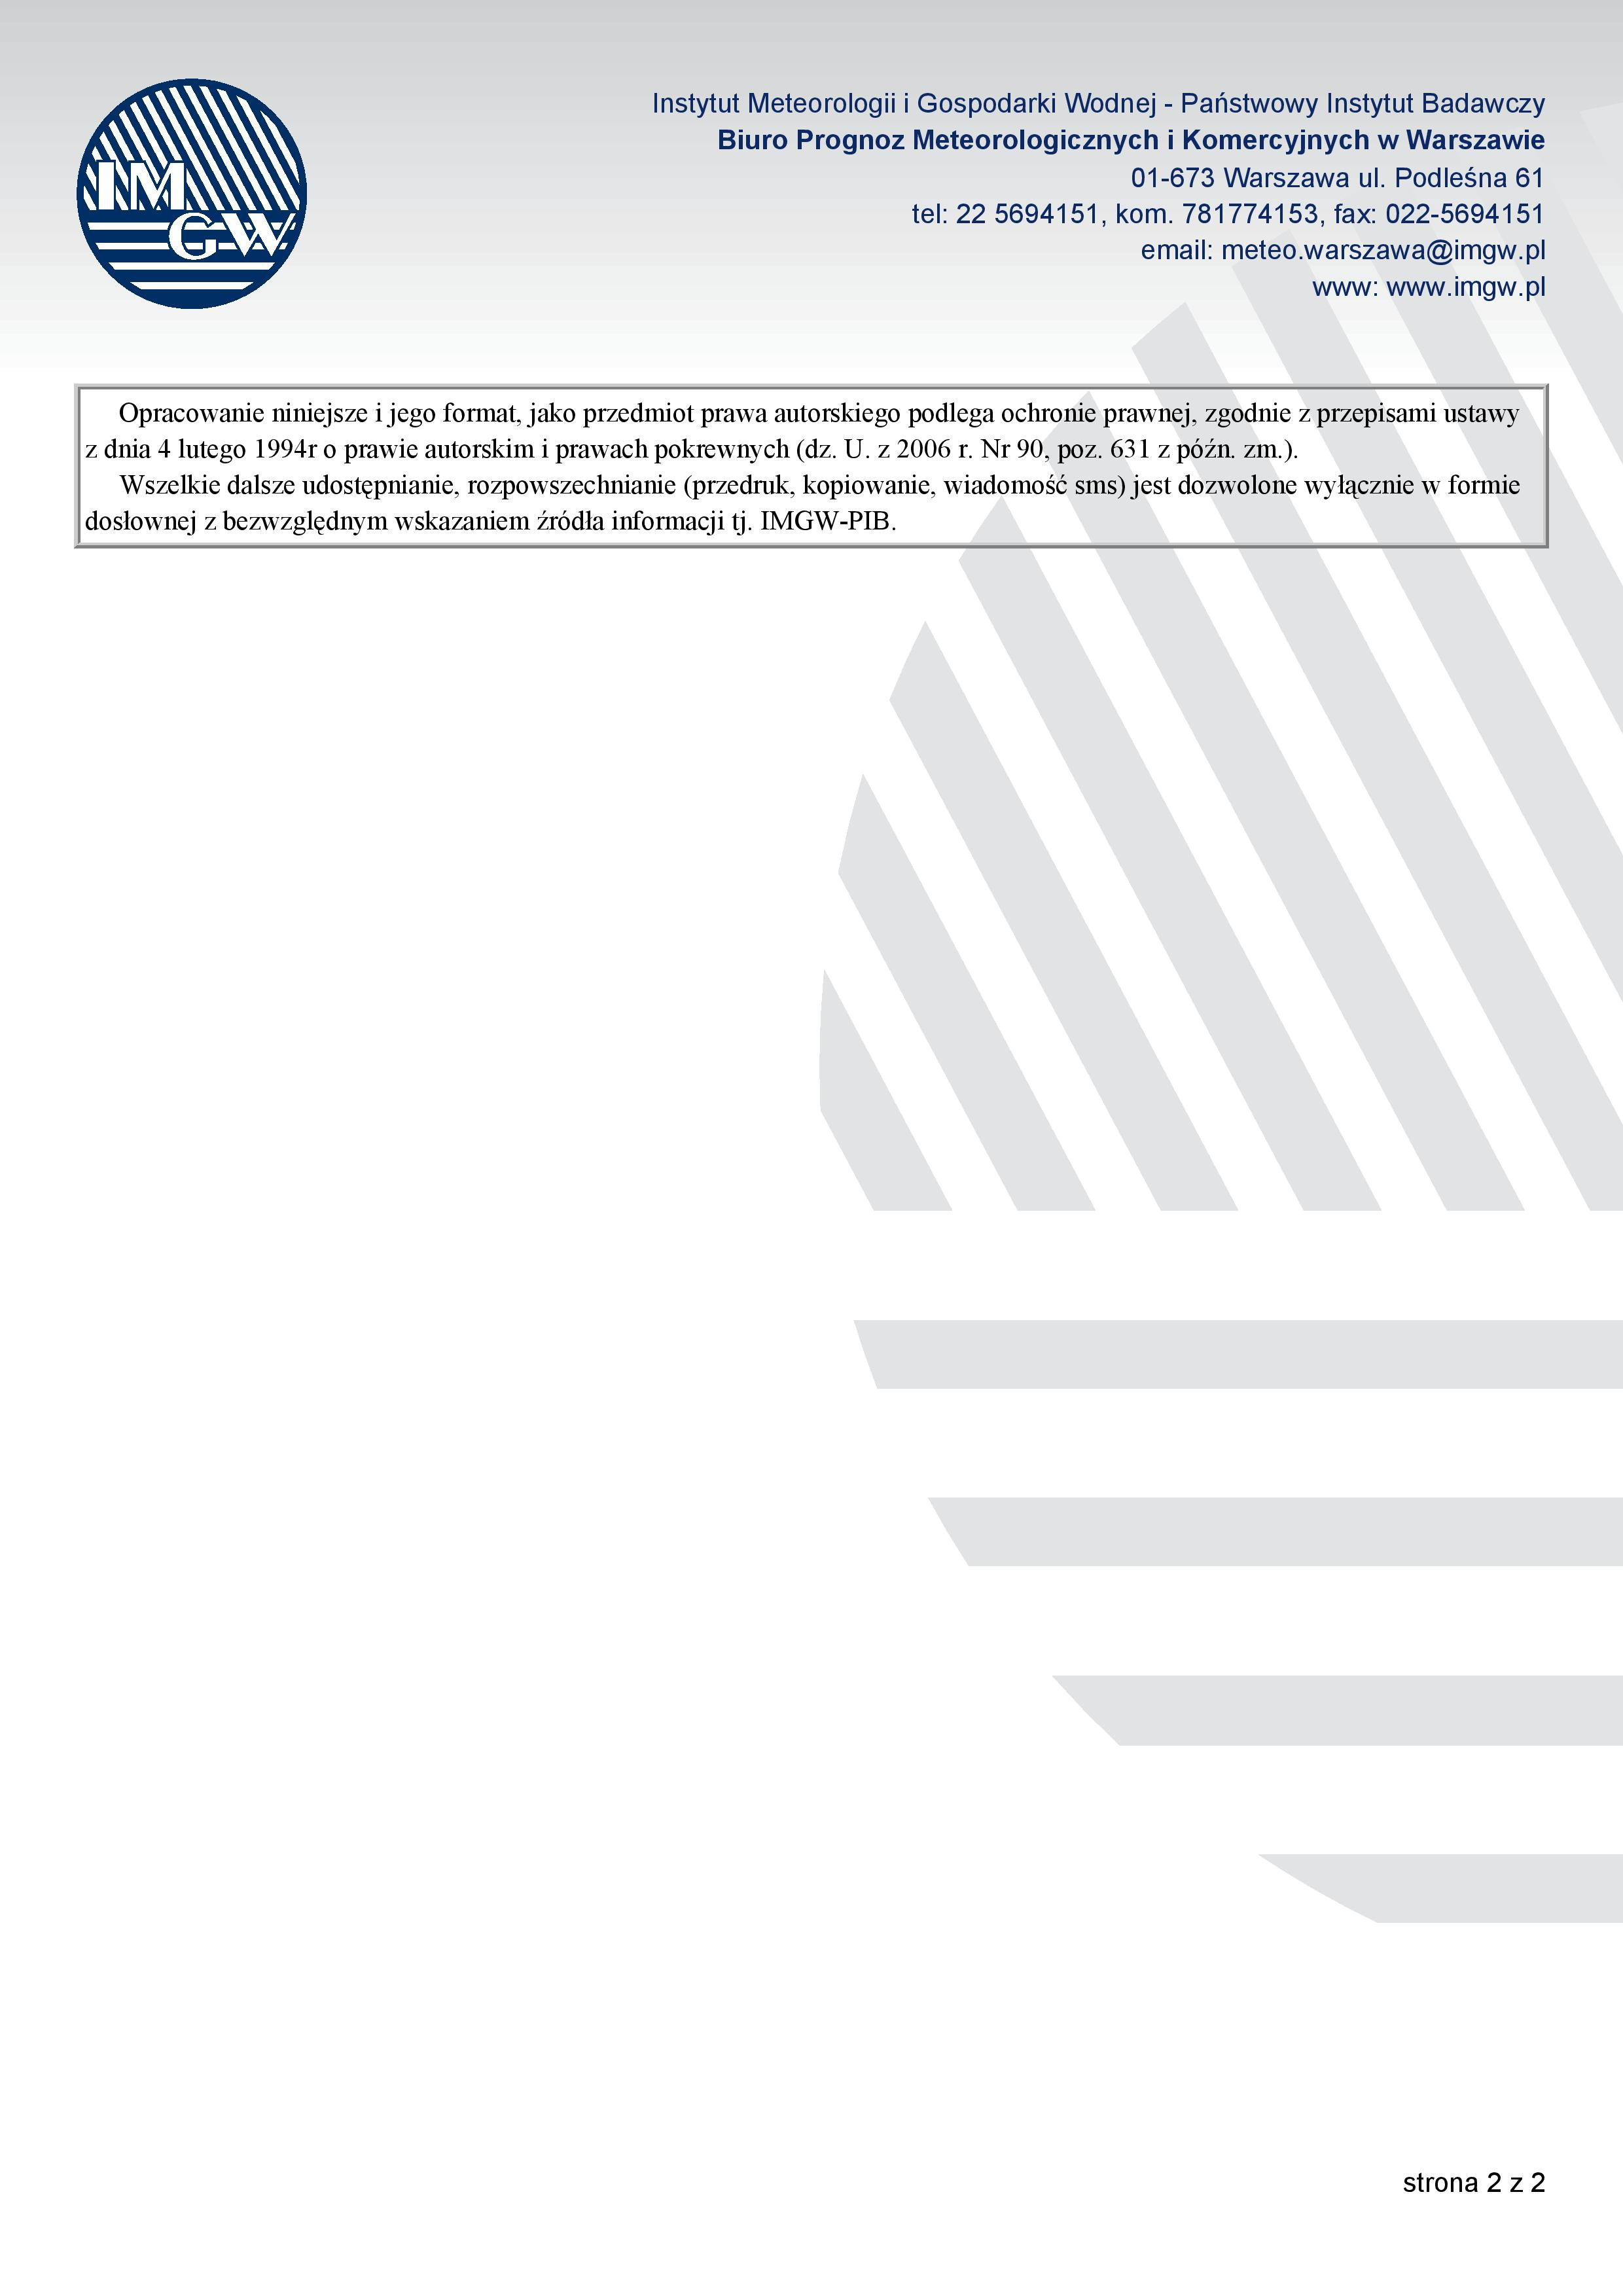 PROGNOZA NIEBEZPIECZNYCH ZJAWISK METEOROLOGICZNYCH z dn. 08.08.2017 r.